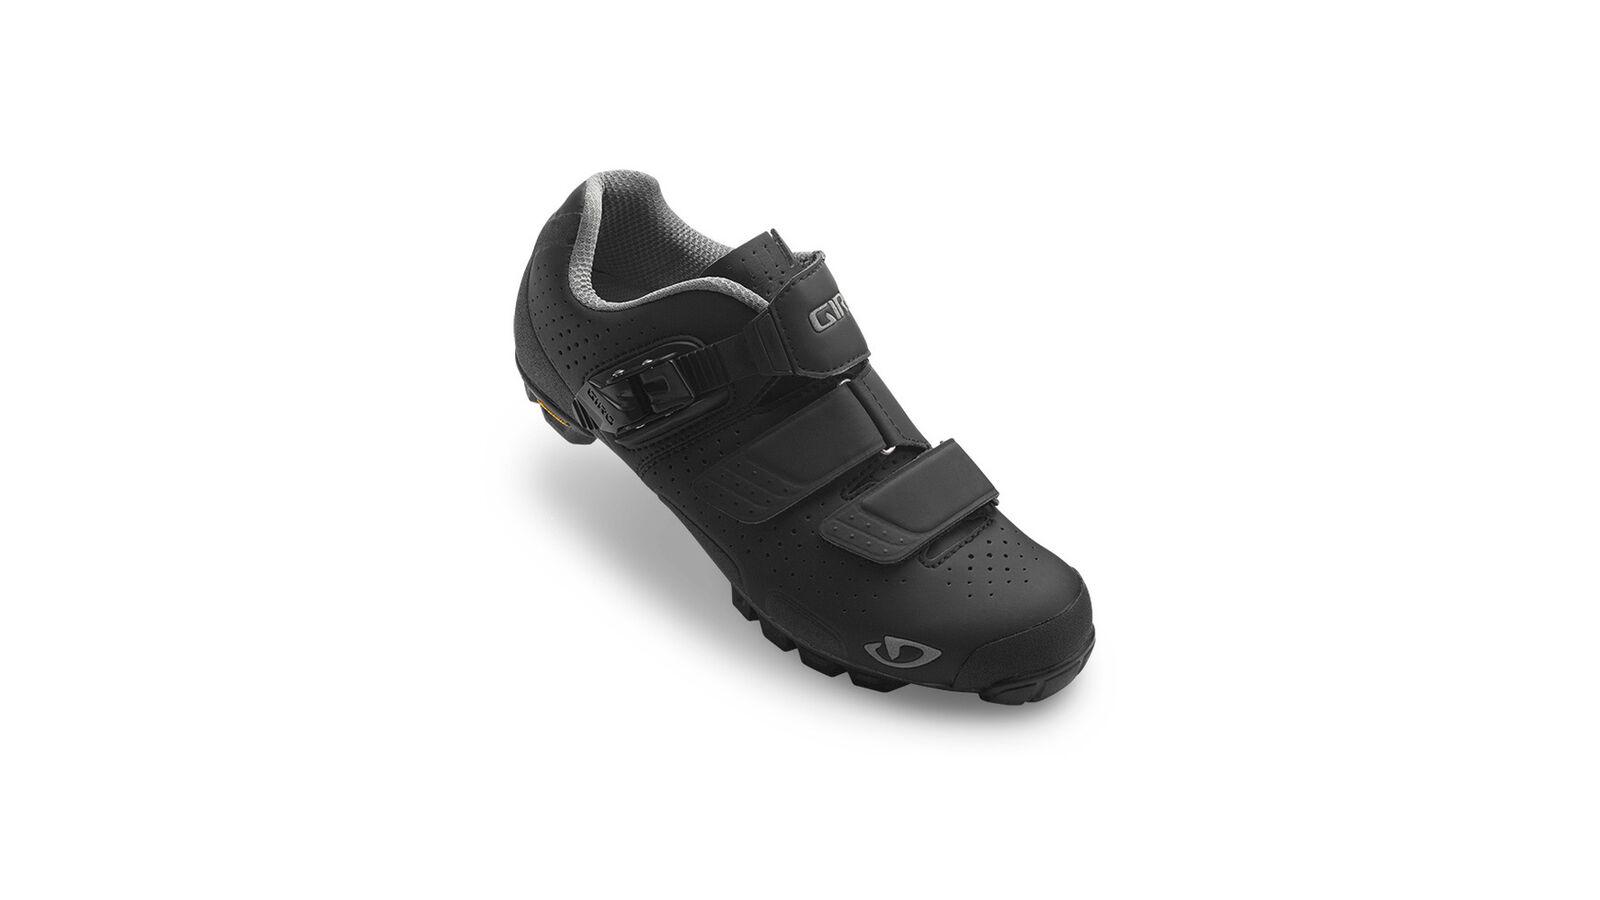 Giro Radschuhe SICA VR70 black wasserabweisend atmungsaktiv  pflegeleicht  convenient